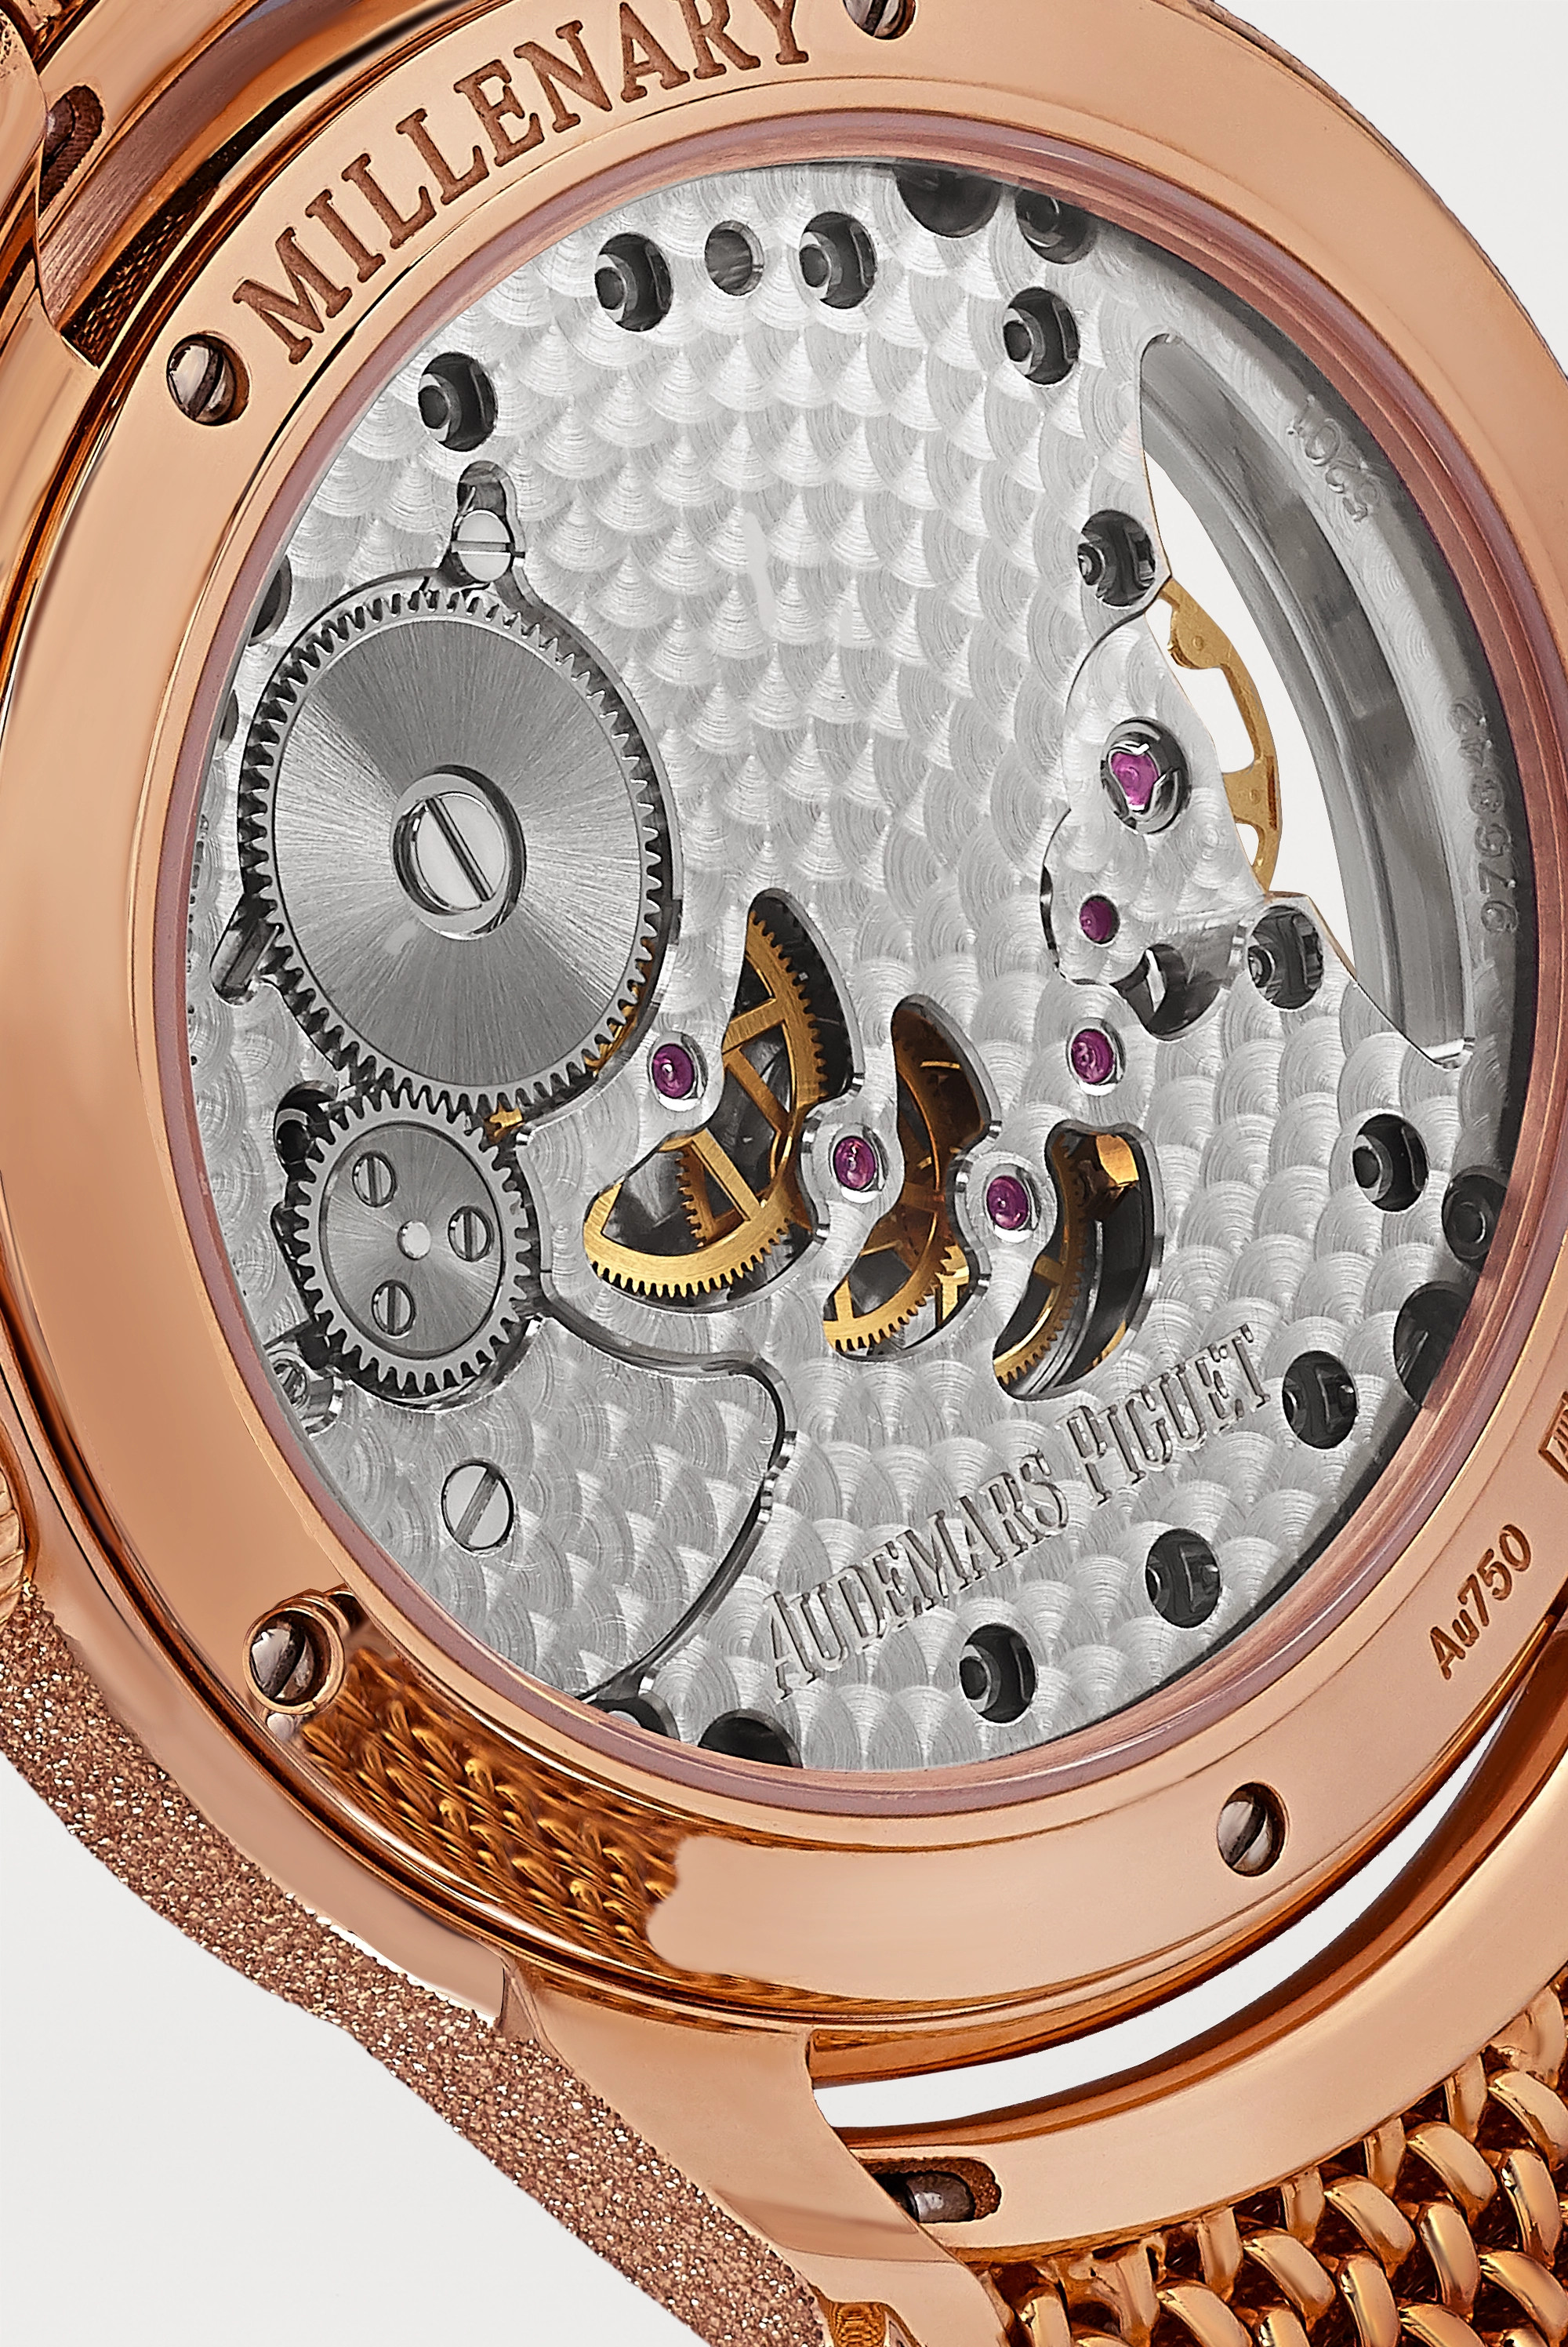 Audemars Piguet Millenary 39.5mm 18-karat frosted pink gold and opal watch